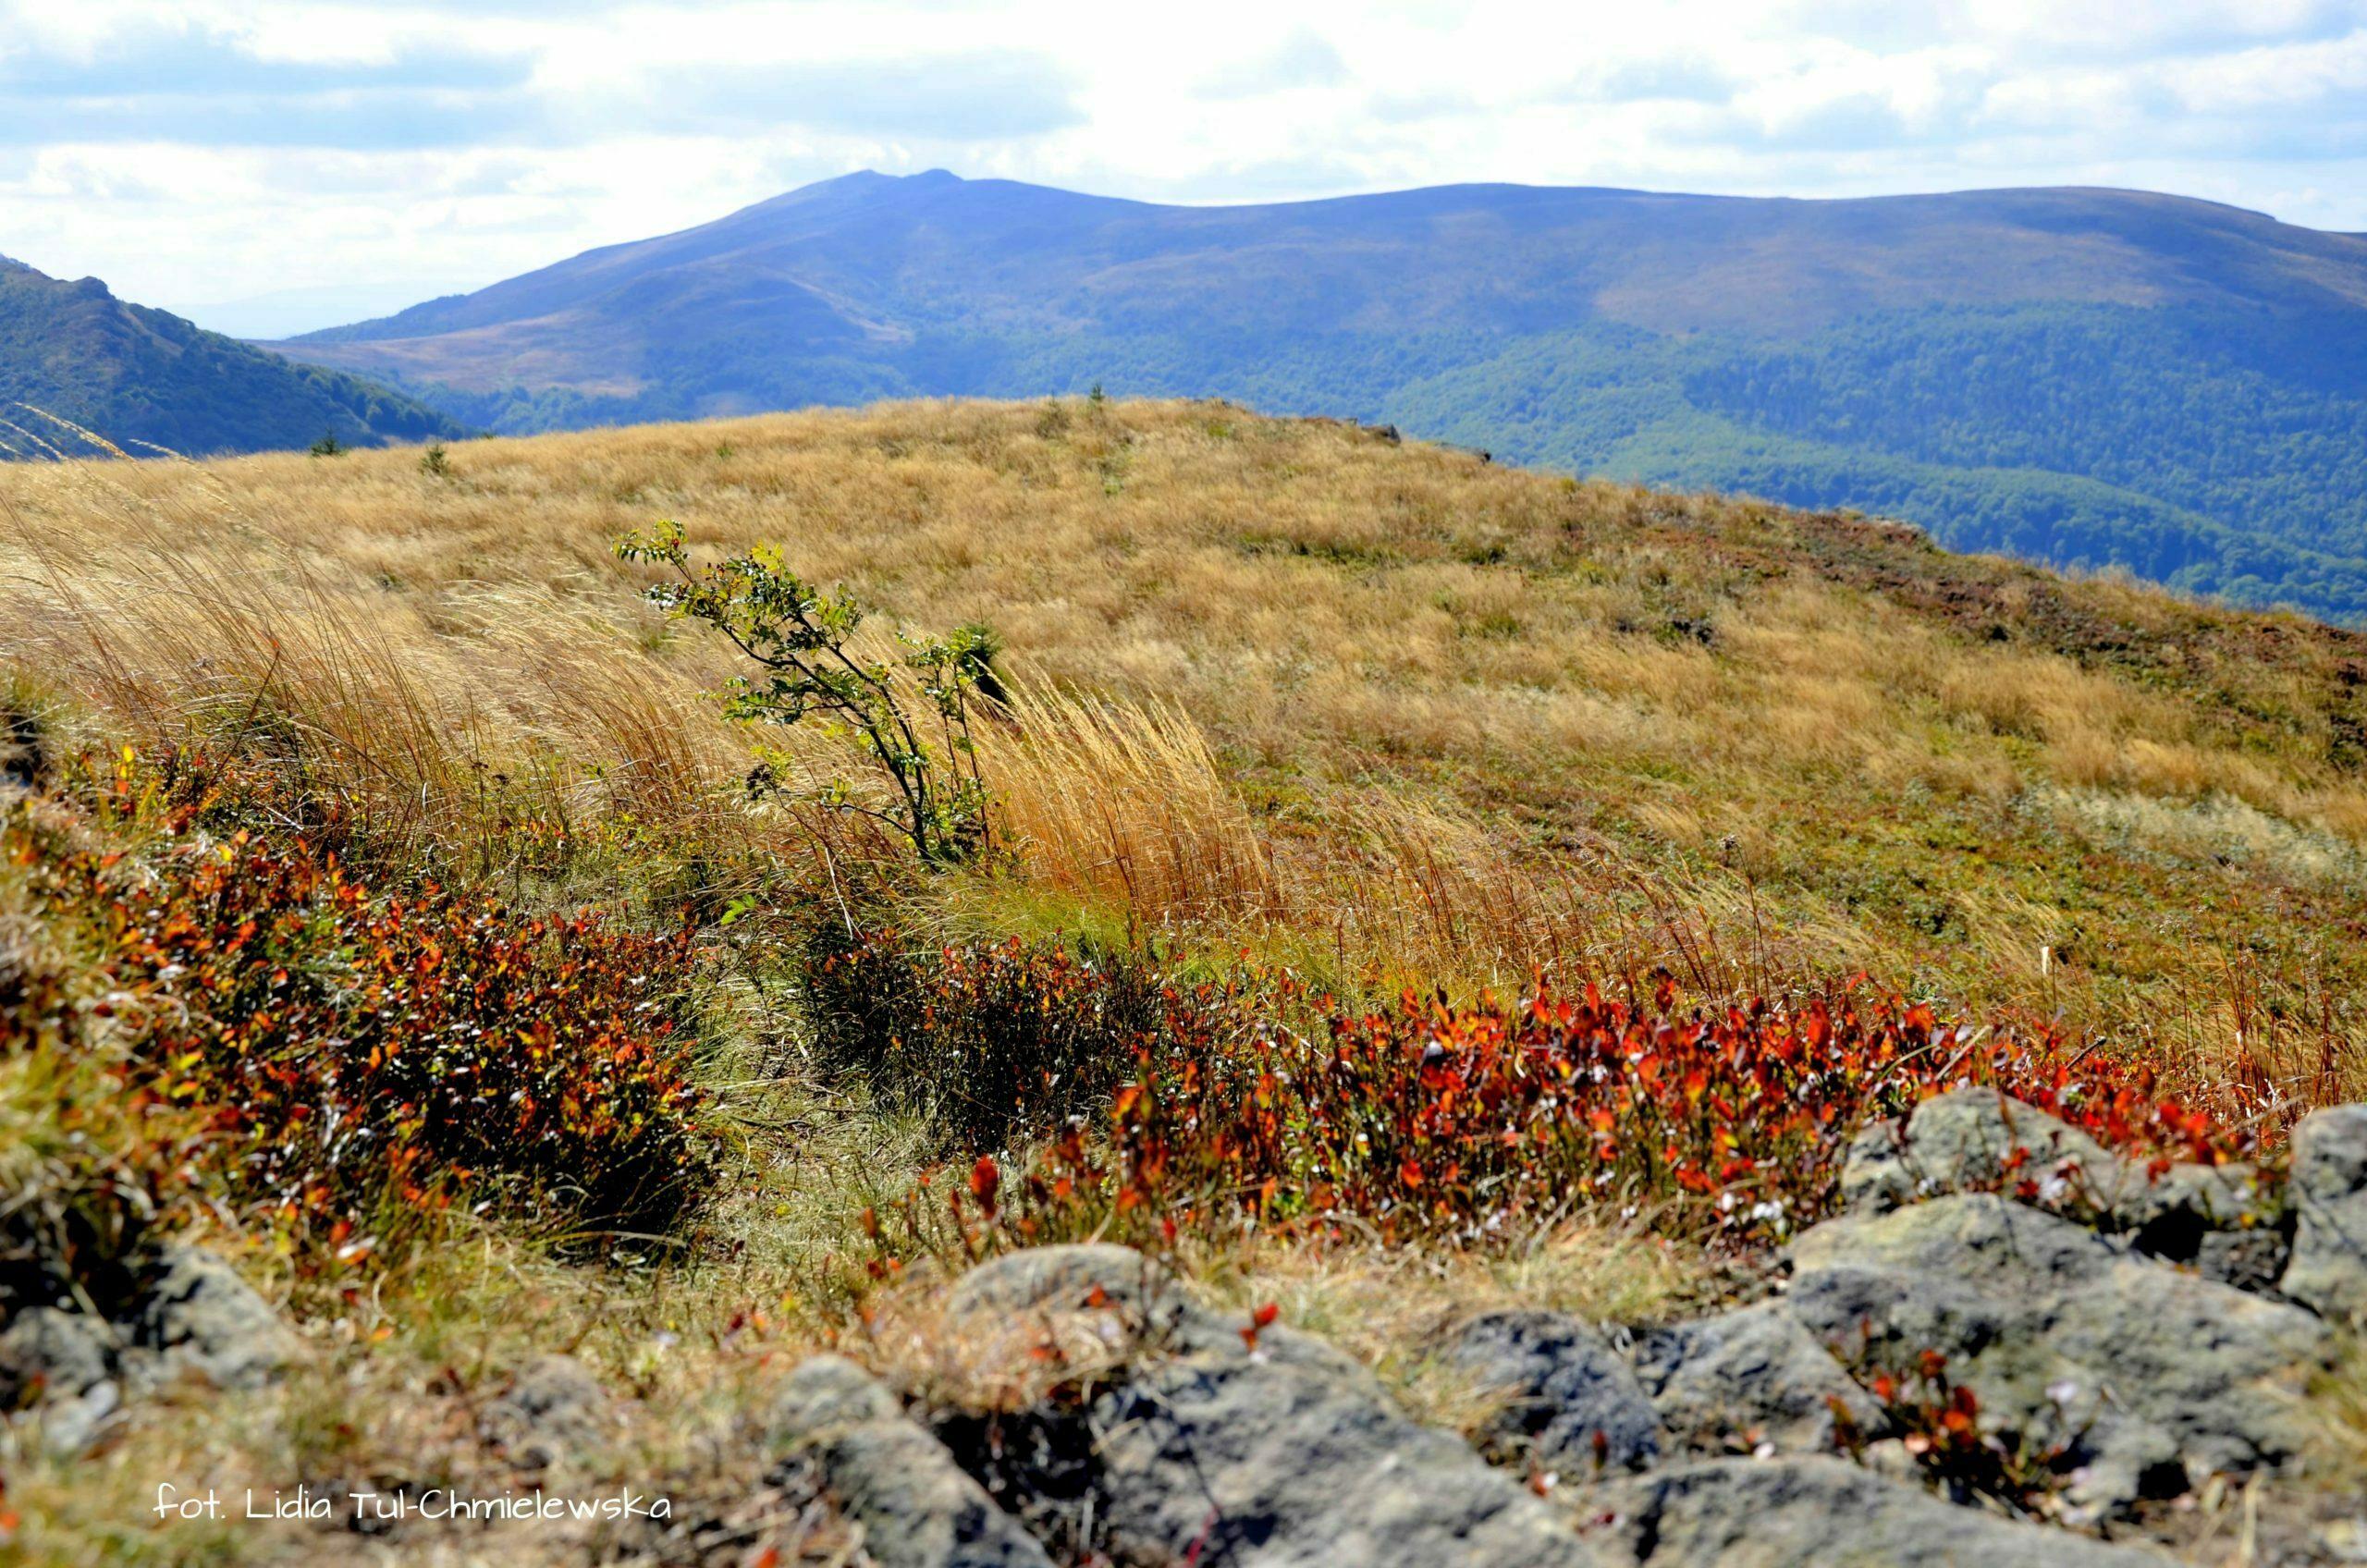 Jesienią góry są najszczersze fot. Lidia Tul-Chmielewska